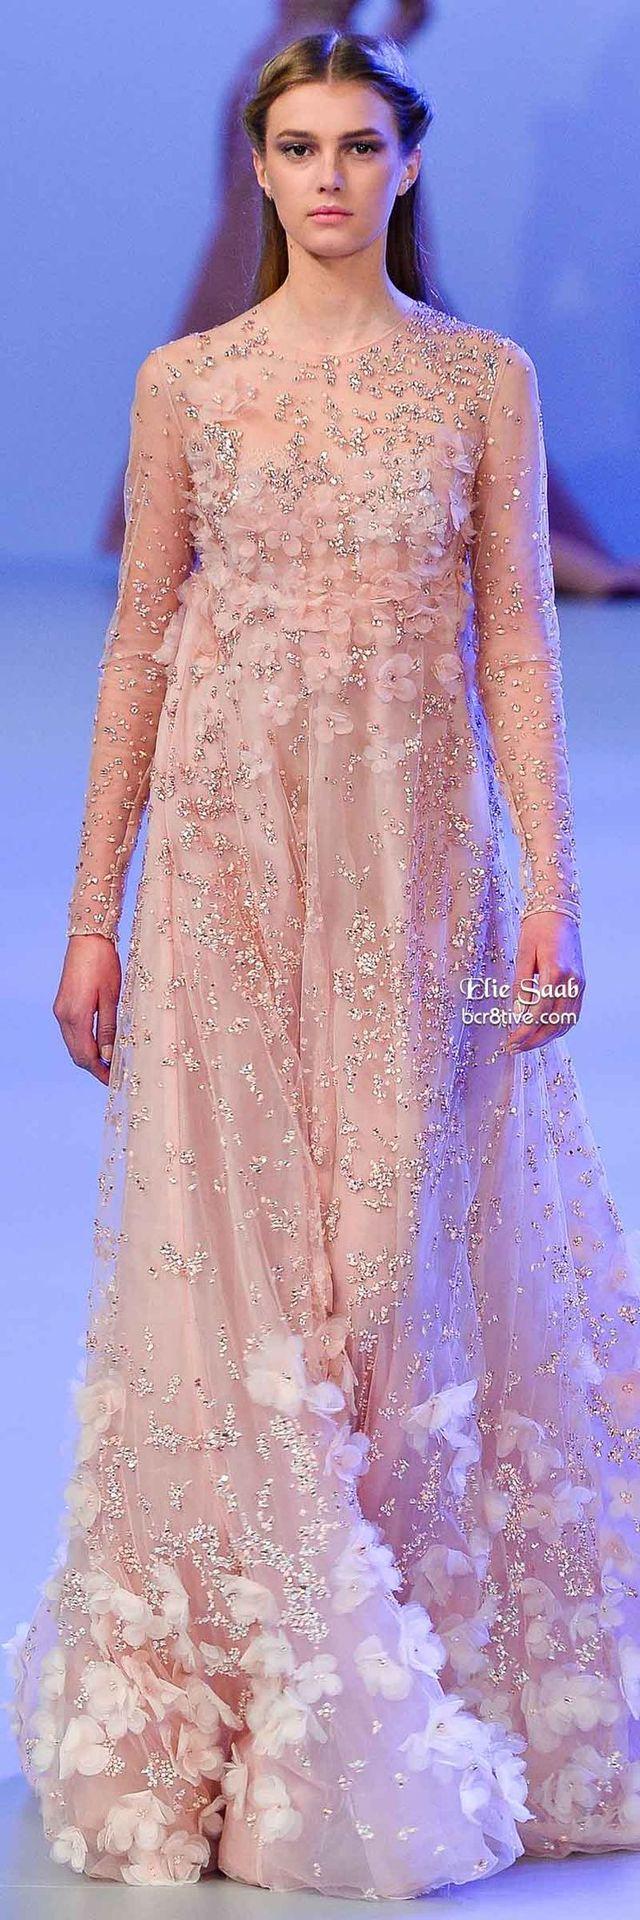 22 best Zuchair Murad images on Pinterest | Fashion show, High ...